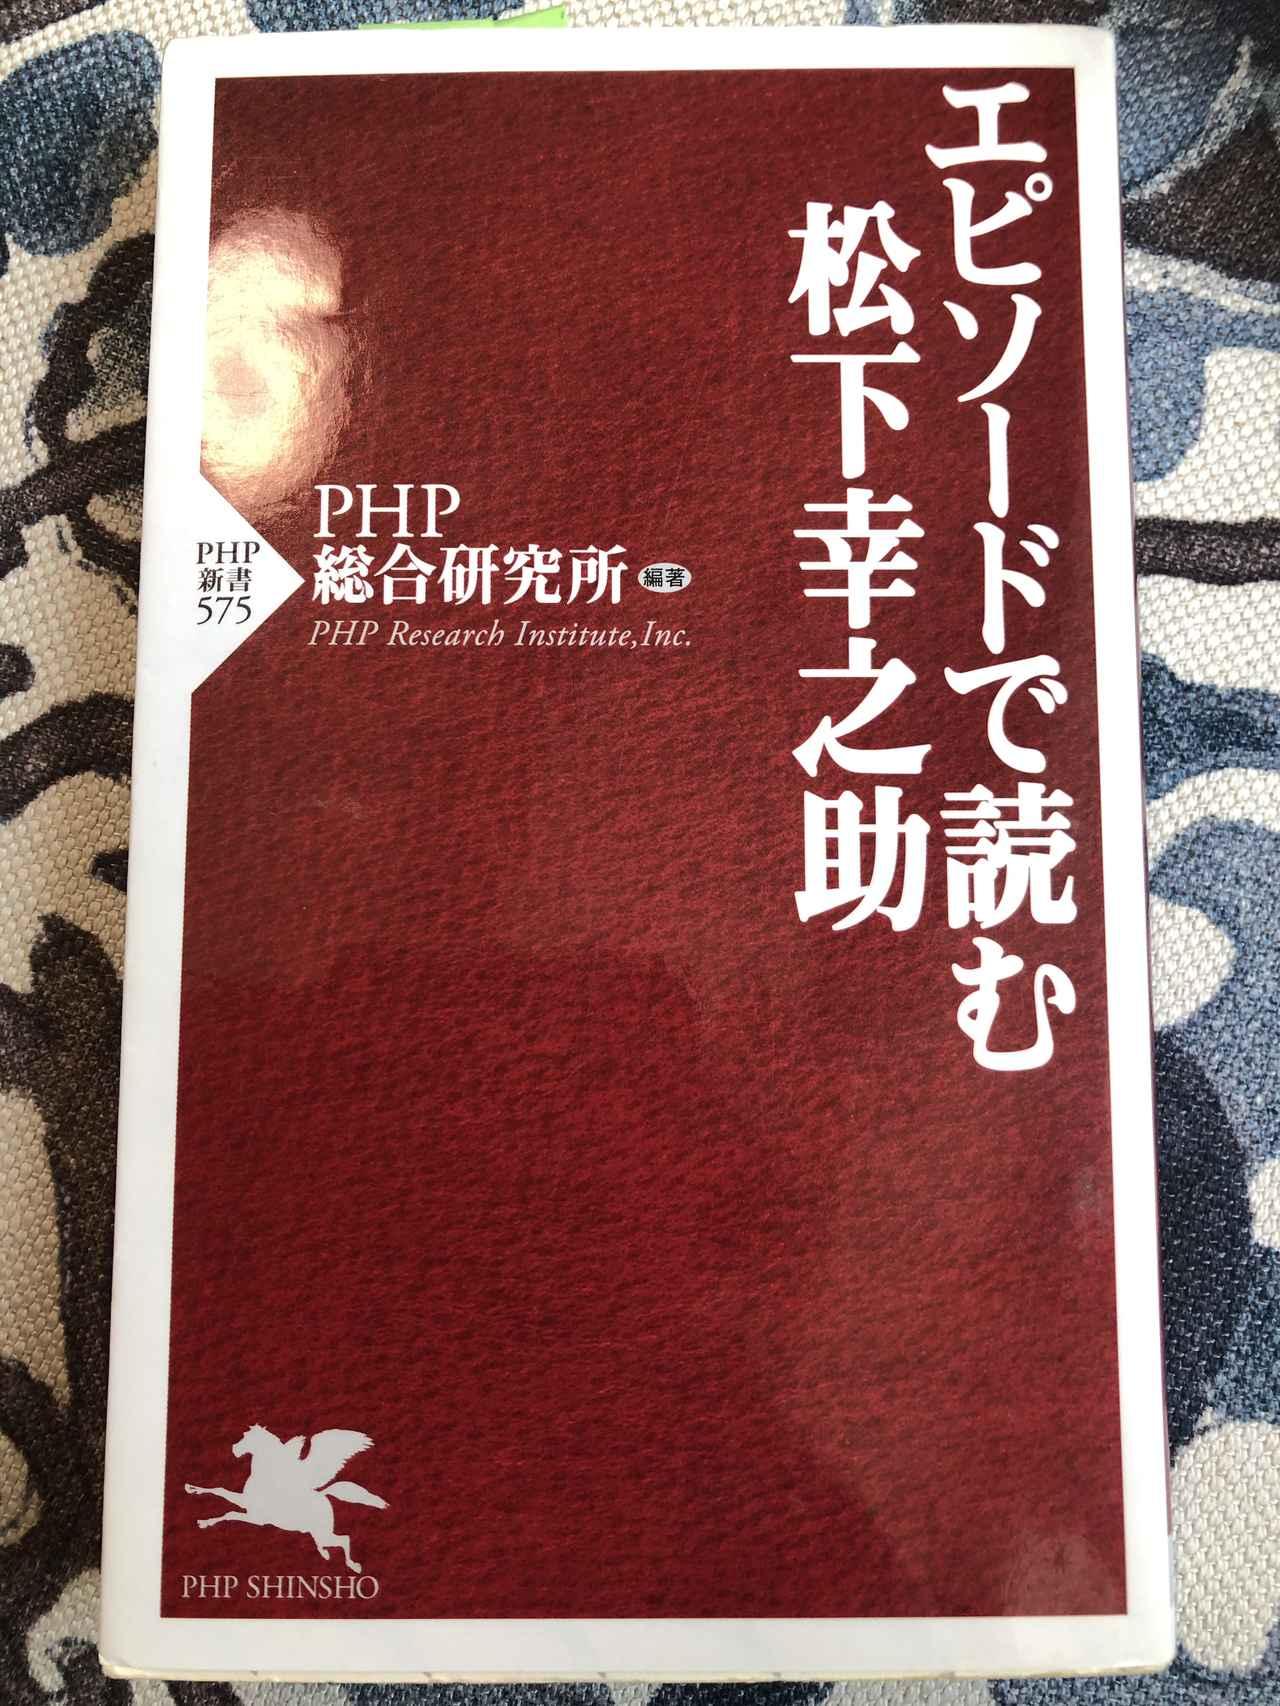 画像: 「エピソードで読む松下幸之助」PHP総合研究所編著